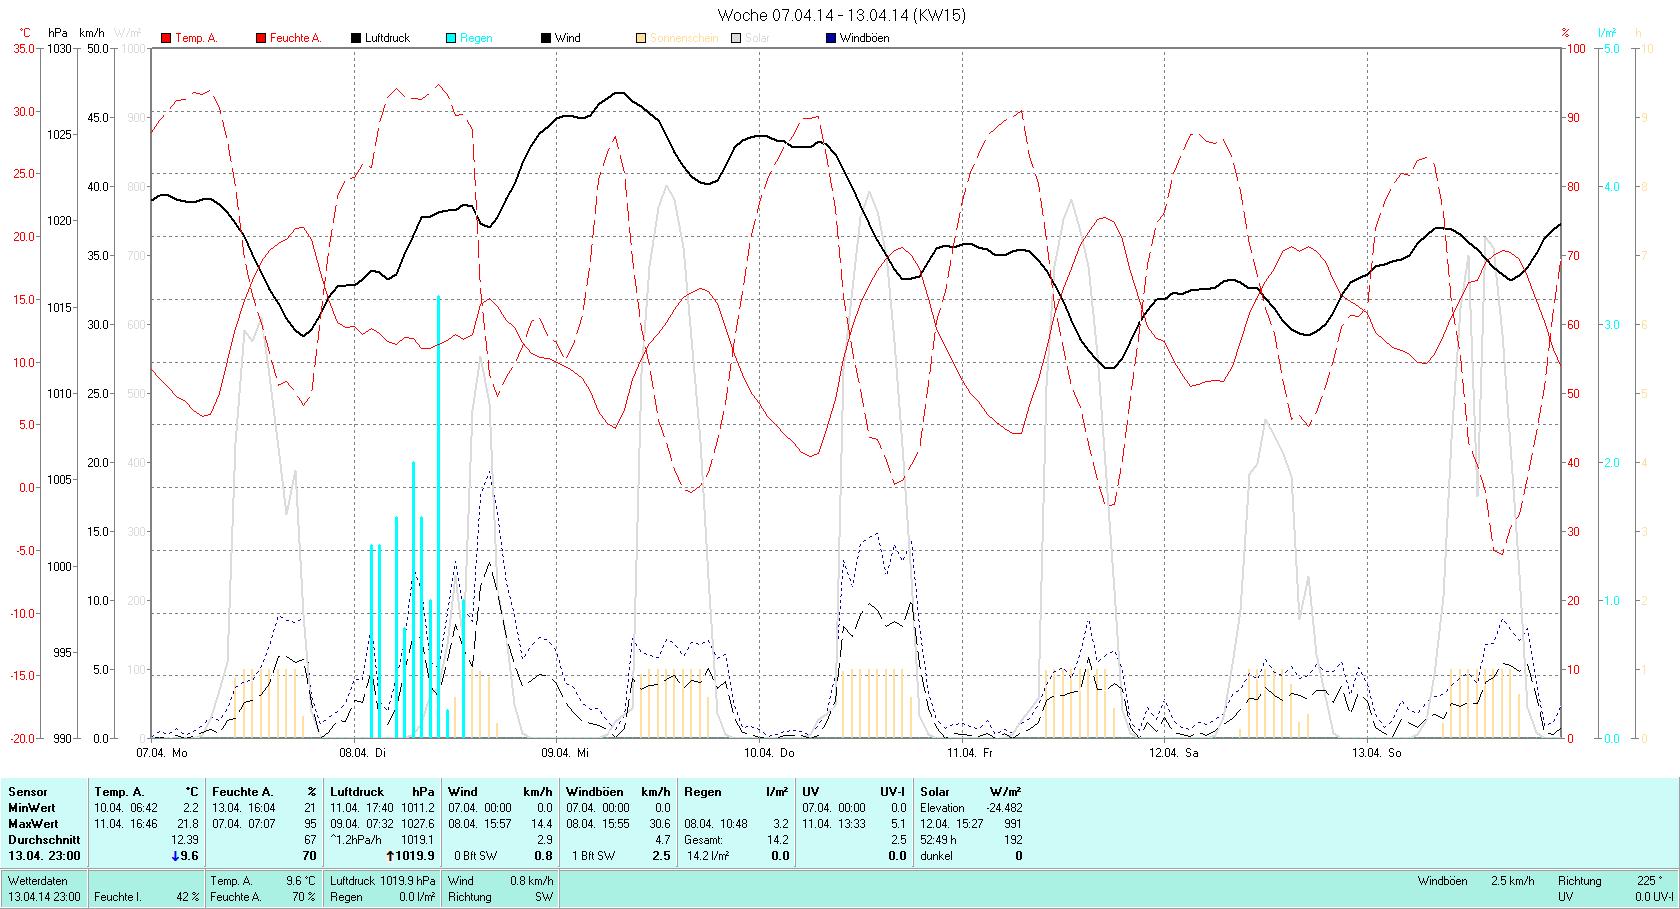 KW 15 Tmin  2.2°C, Tmax 21.8°C, Sonne 56:03h, Niederschlag 14.2mm/2